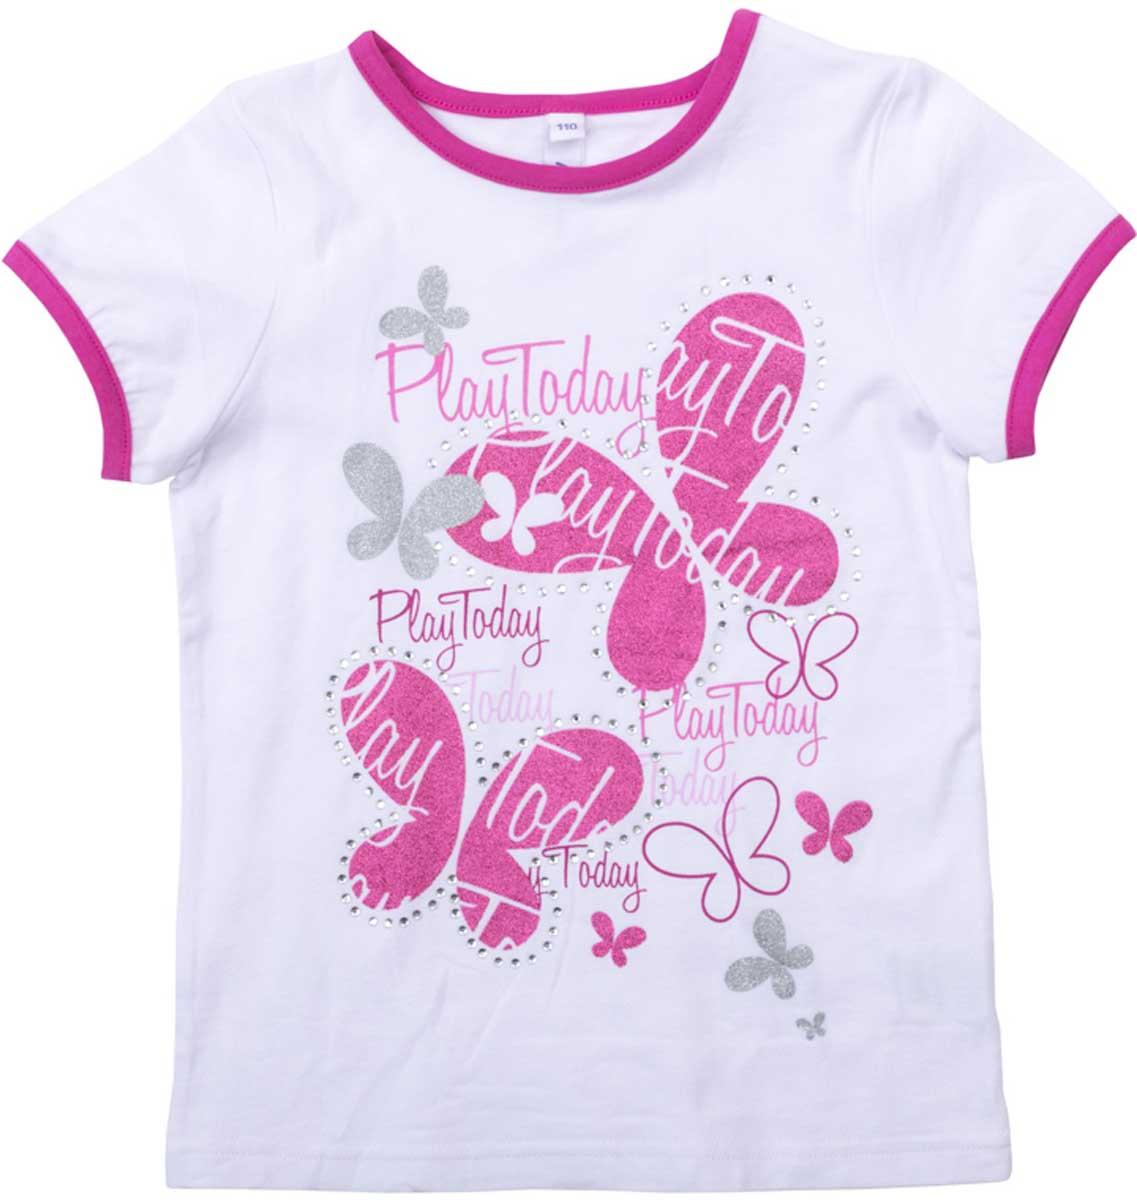 Футболка для девочки PlayToday, цвет: белый, розовый. 172068. Размер 116172068Футболка для девочки PlayToday свободного классического кроя прекрасно подойдет как для домашнего использования, так и для прогулок на свежем воздухе. Рукава на мягких резинках. Можно использовать в качестве базовой вещи повседневного гардероба вашего ребенка. Яркий стильный принт является достойным украшением данного изделия.